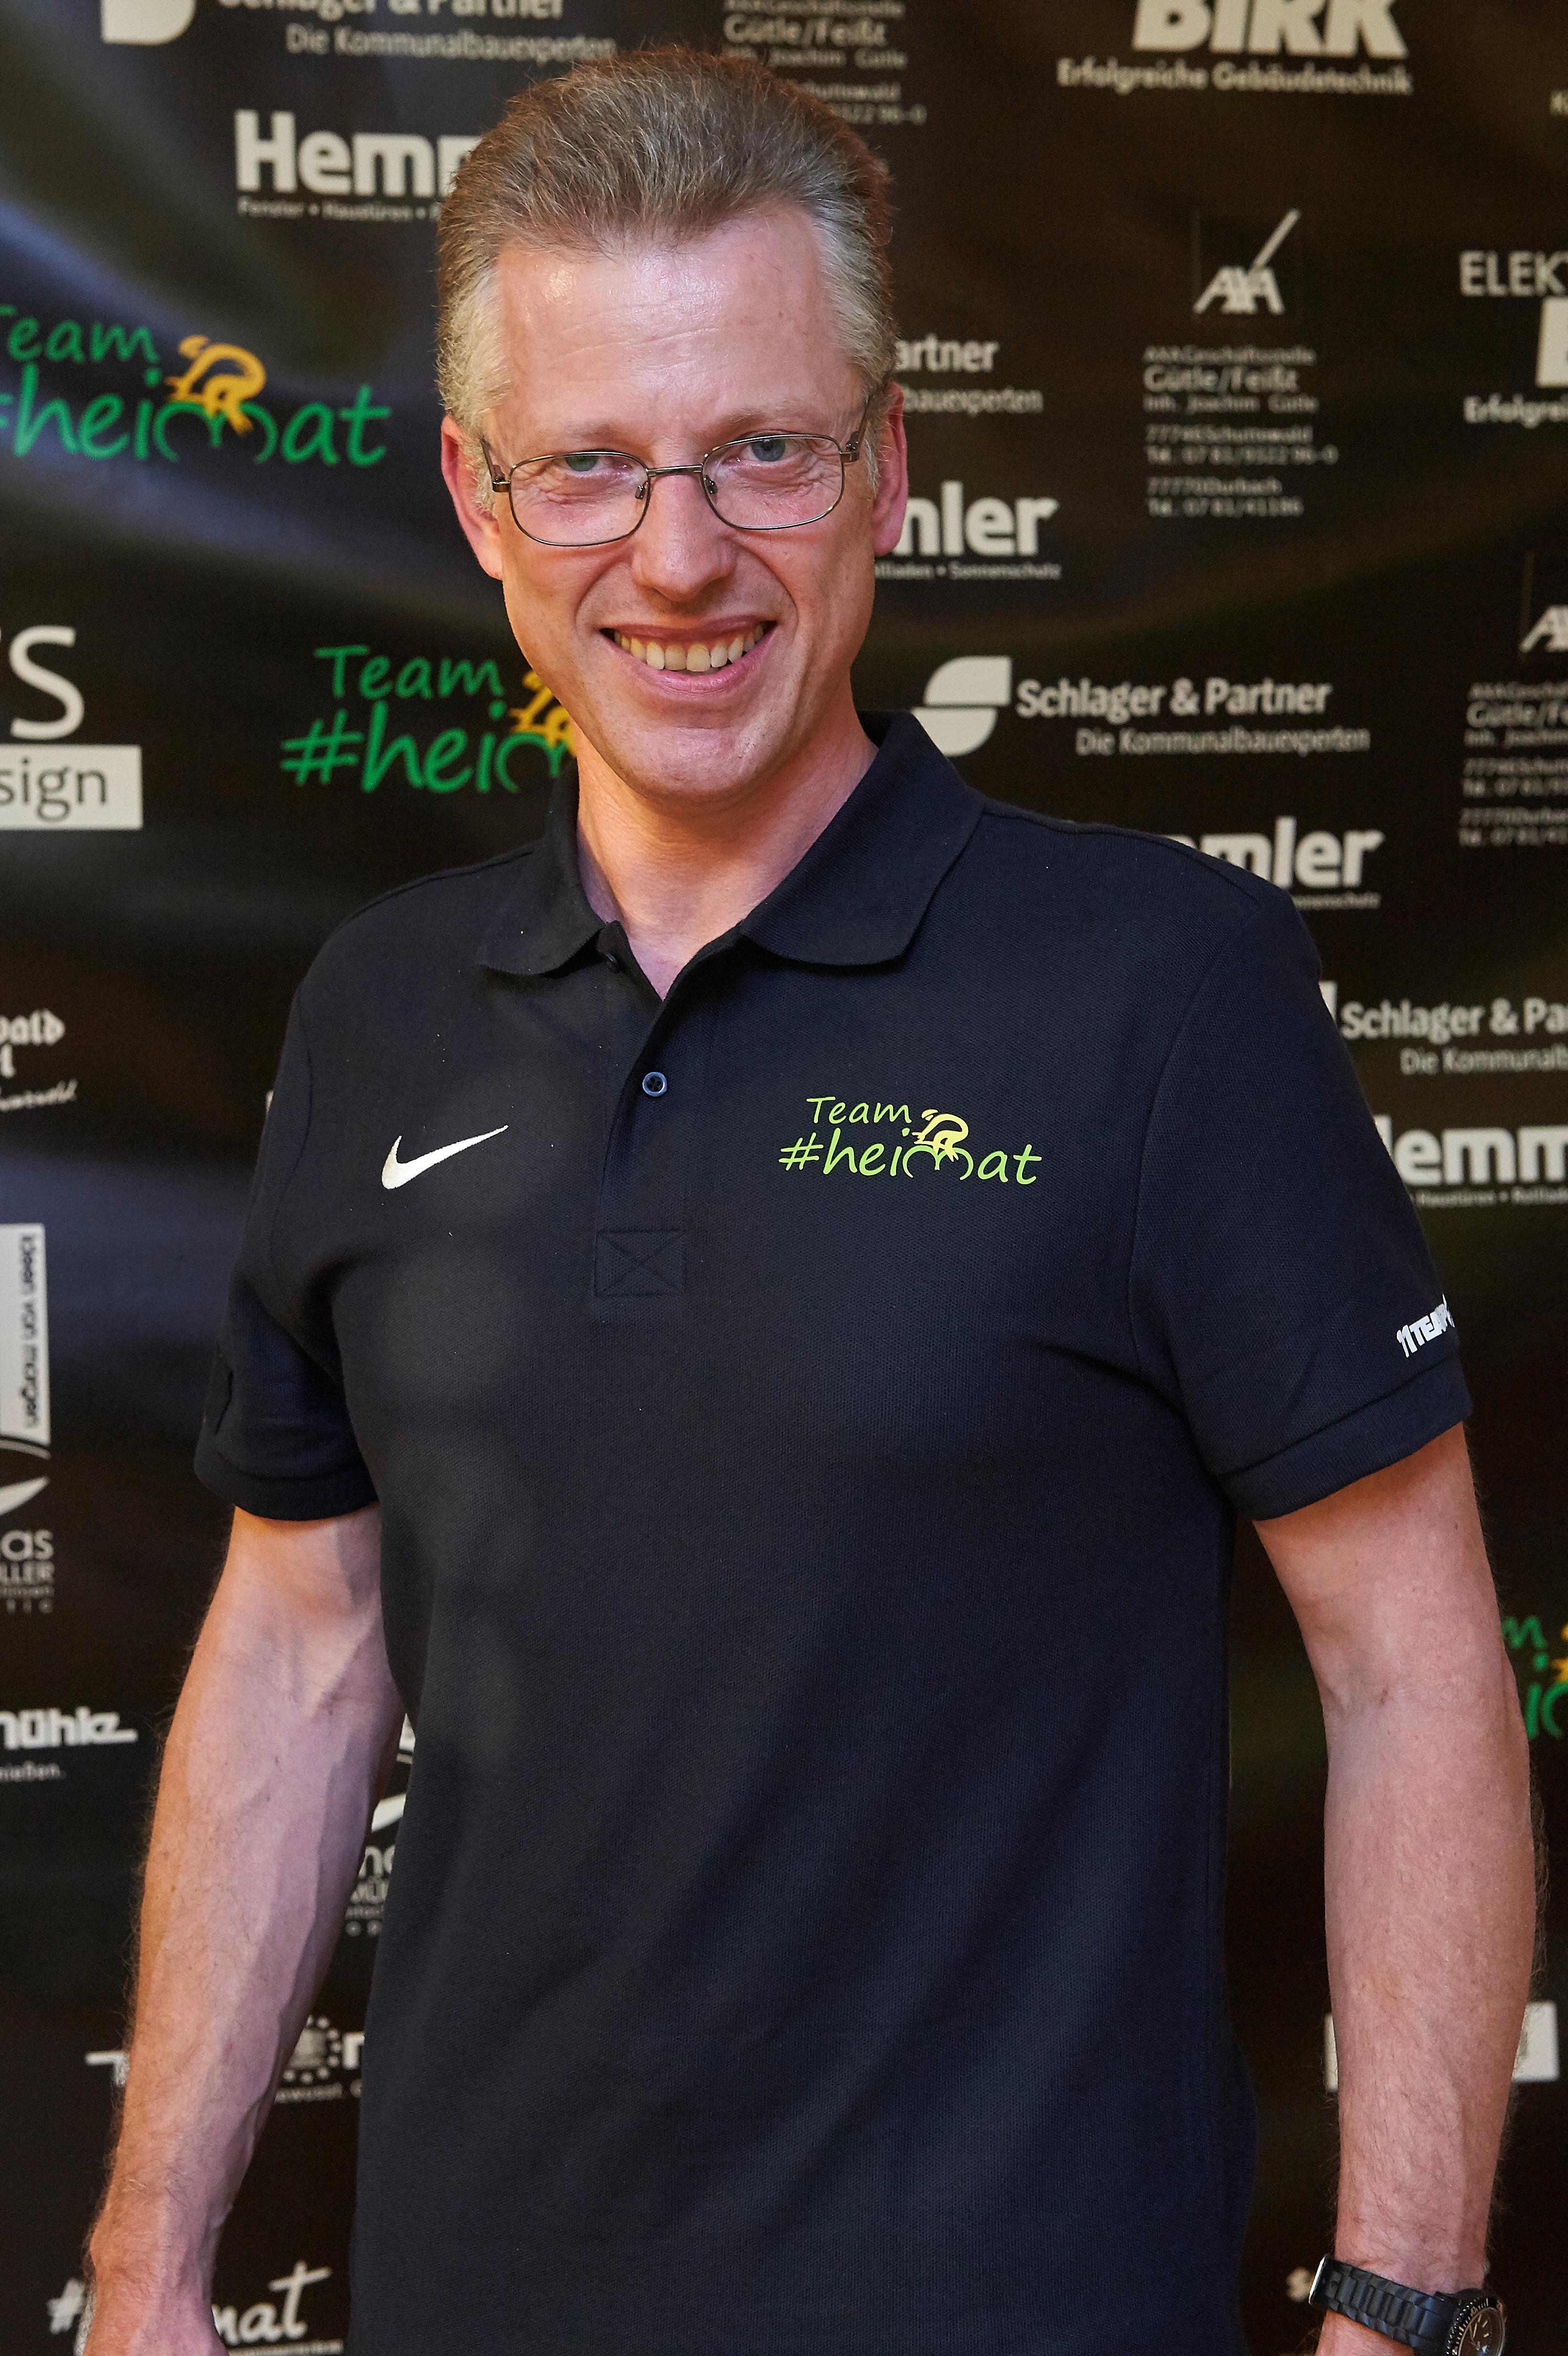 Jörg Mild